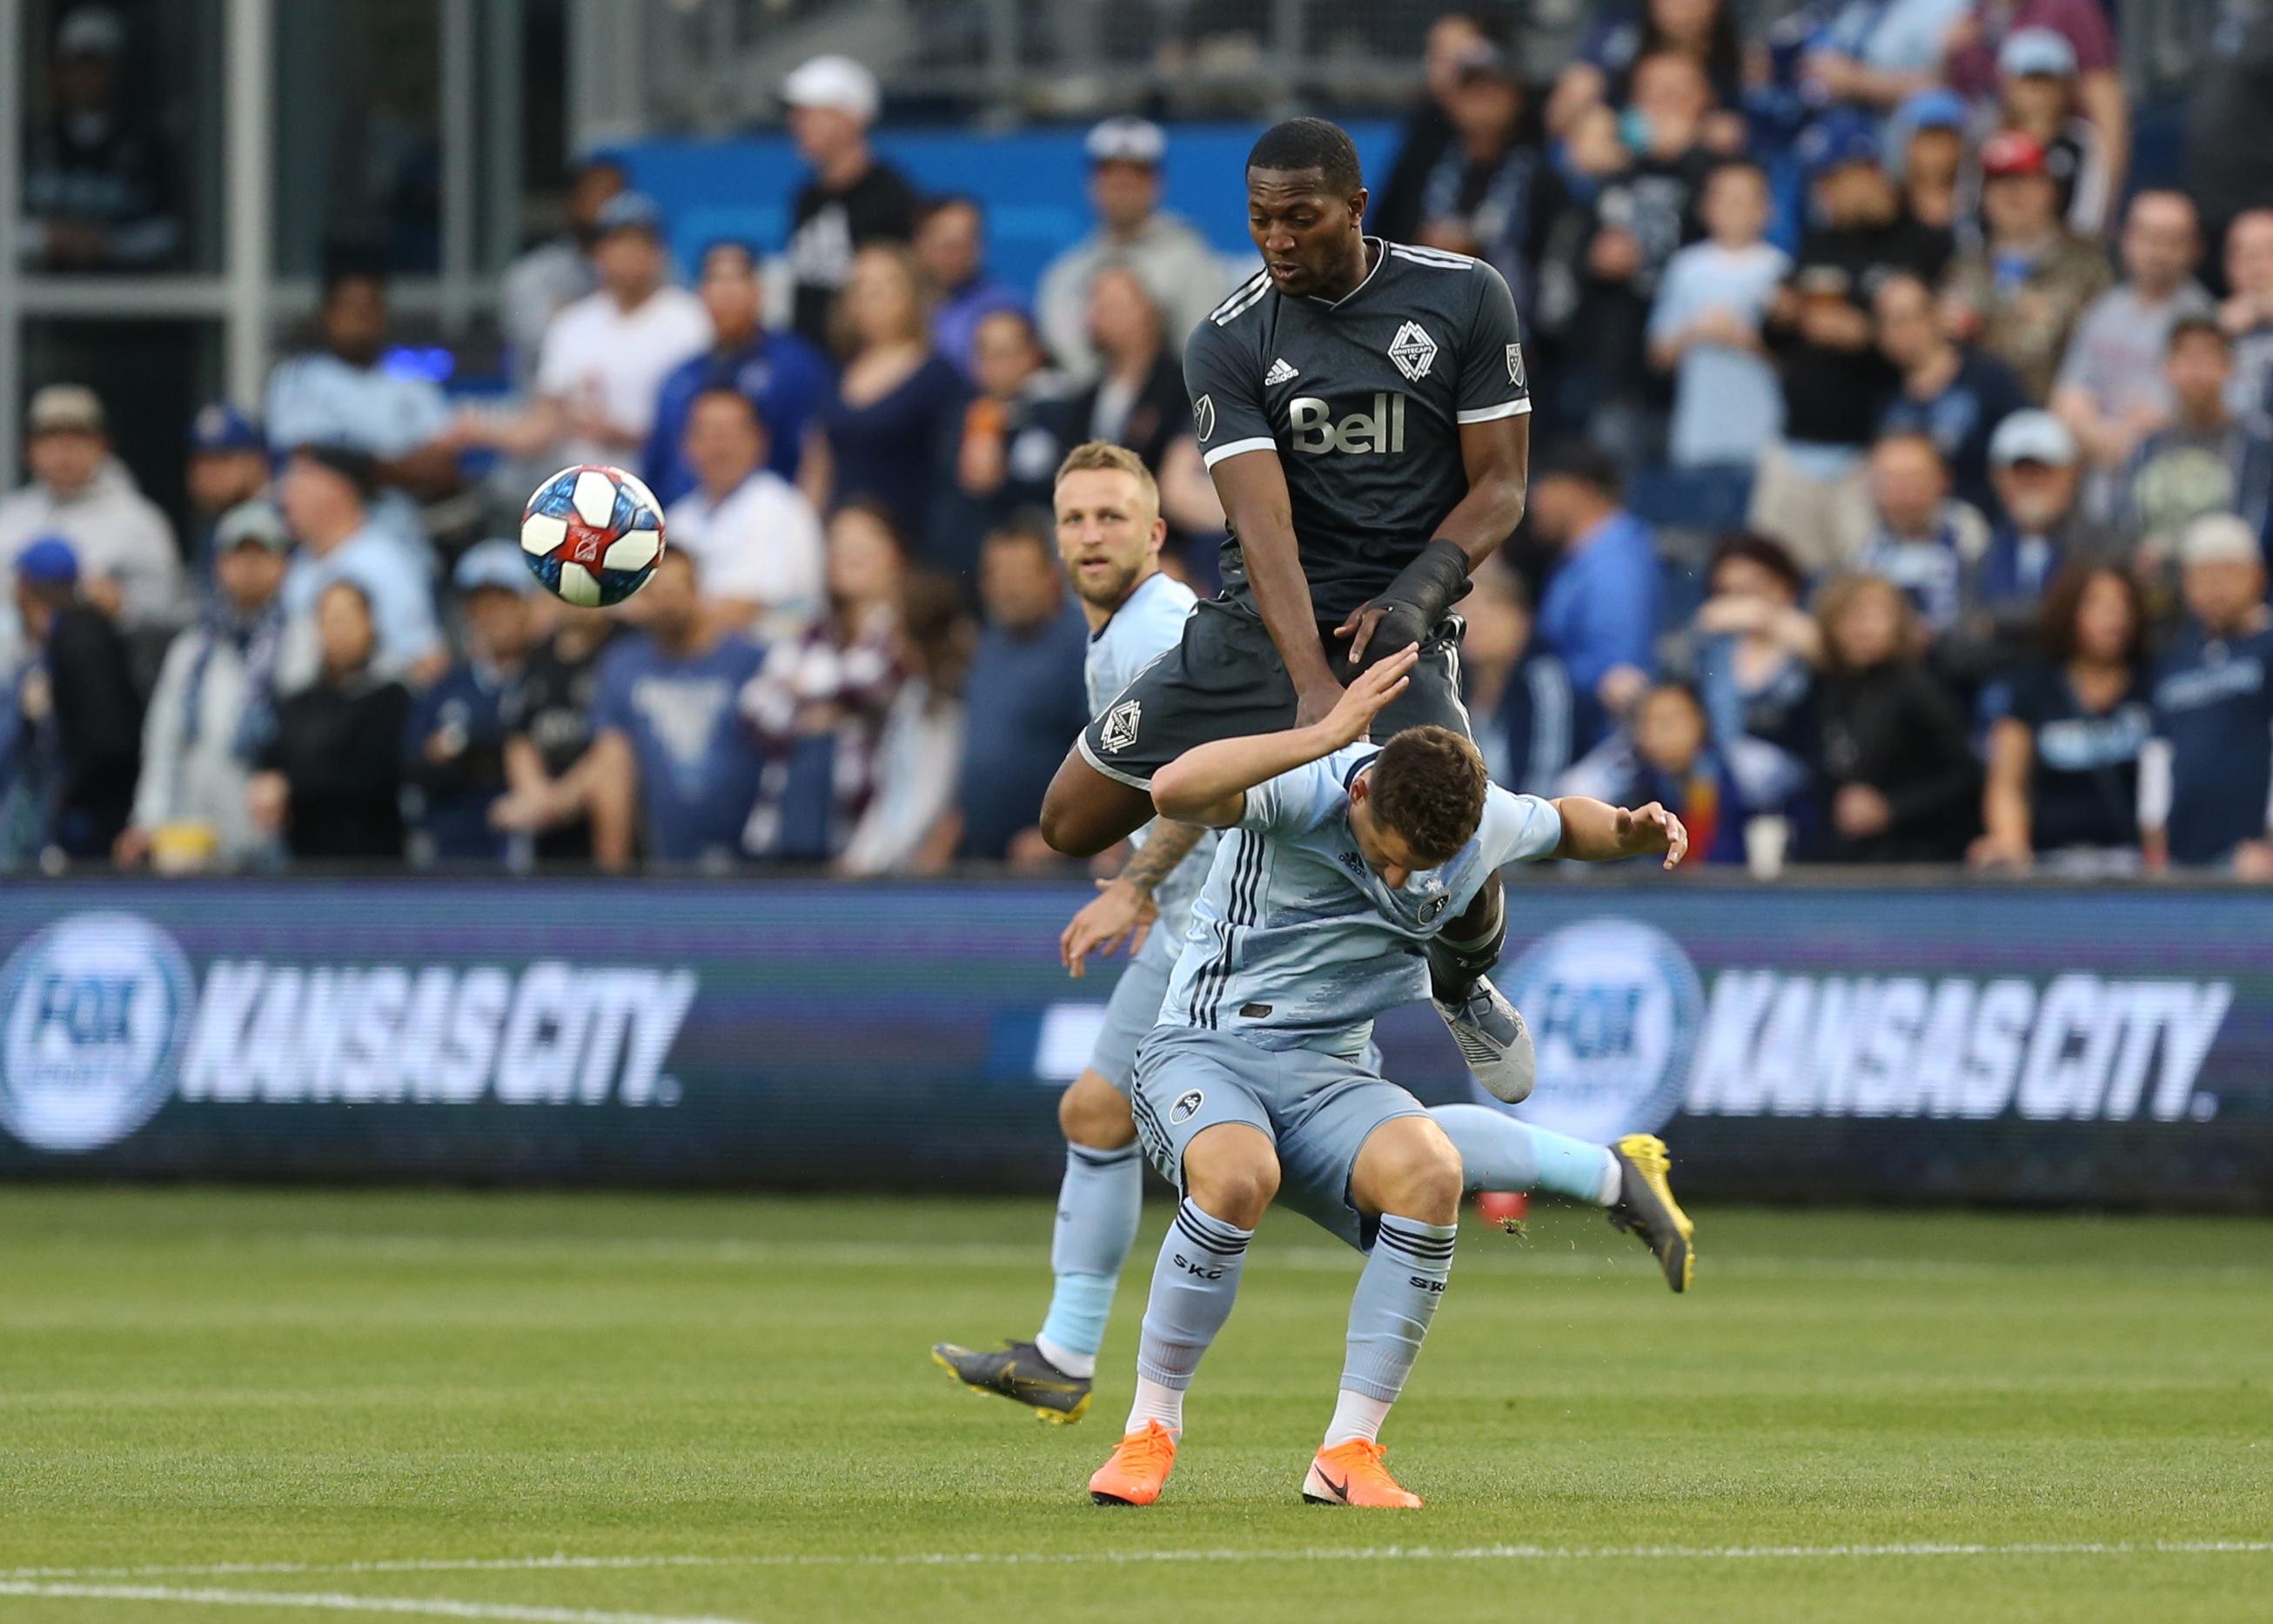 SOCCER: MAY 18 MLS - Vancouver Whitecaps at Sporting Kansas City